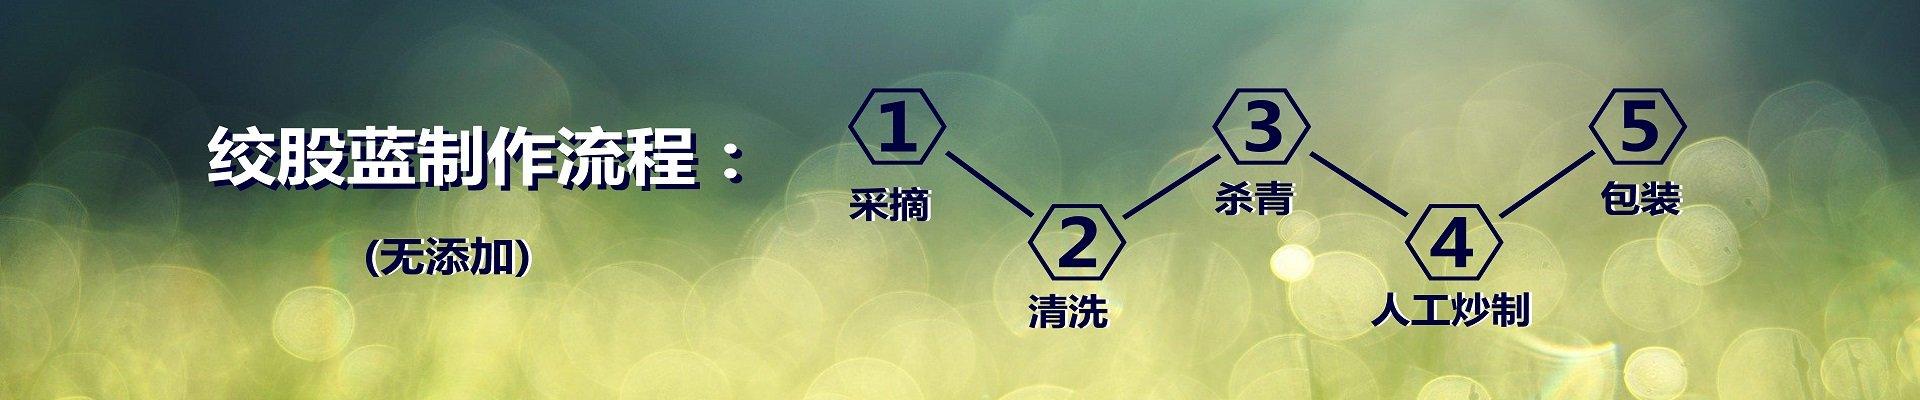 七叶绞股蓝图片